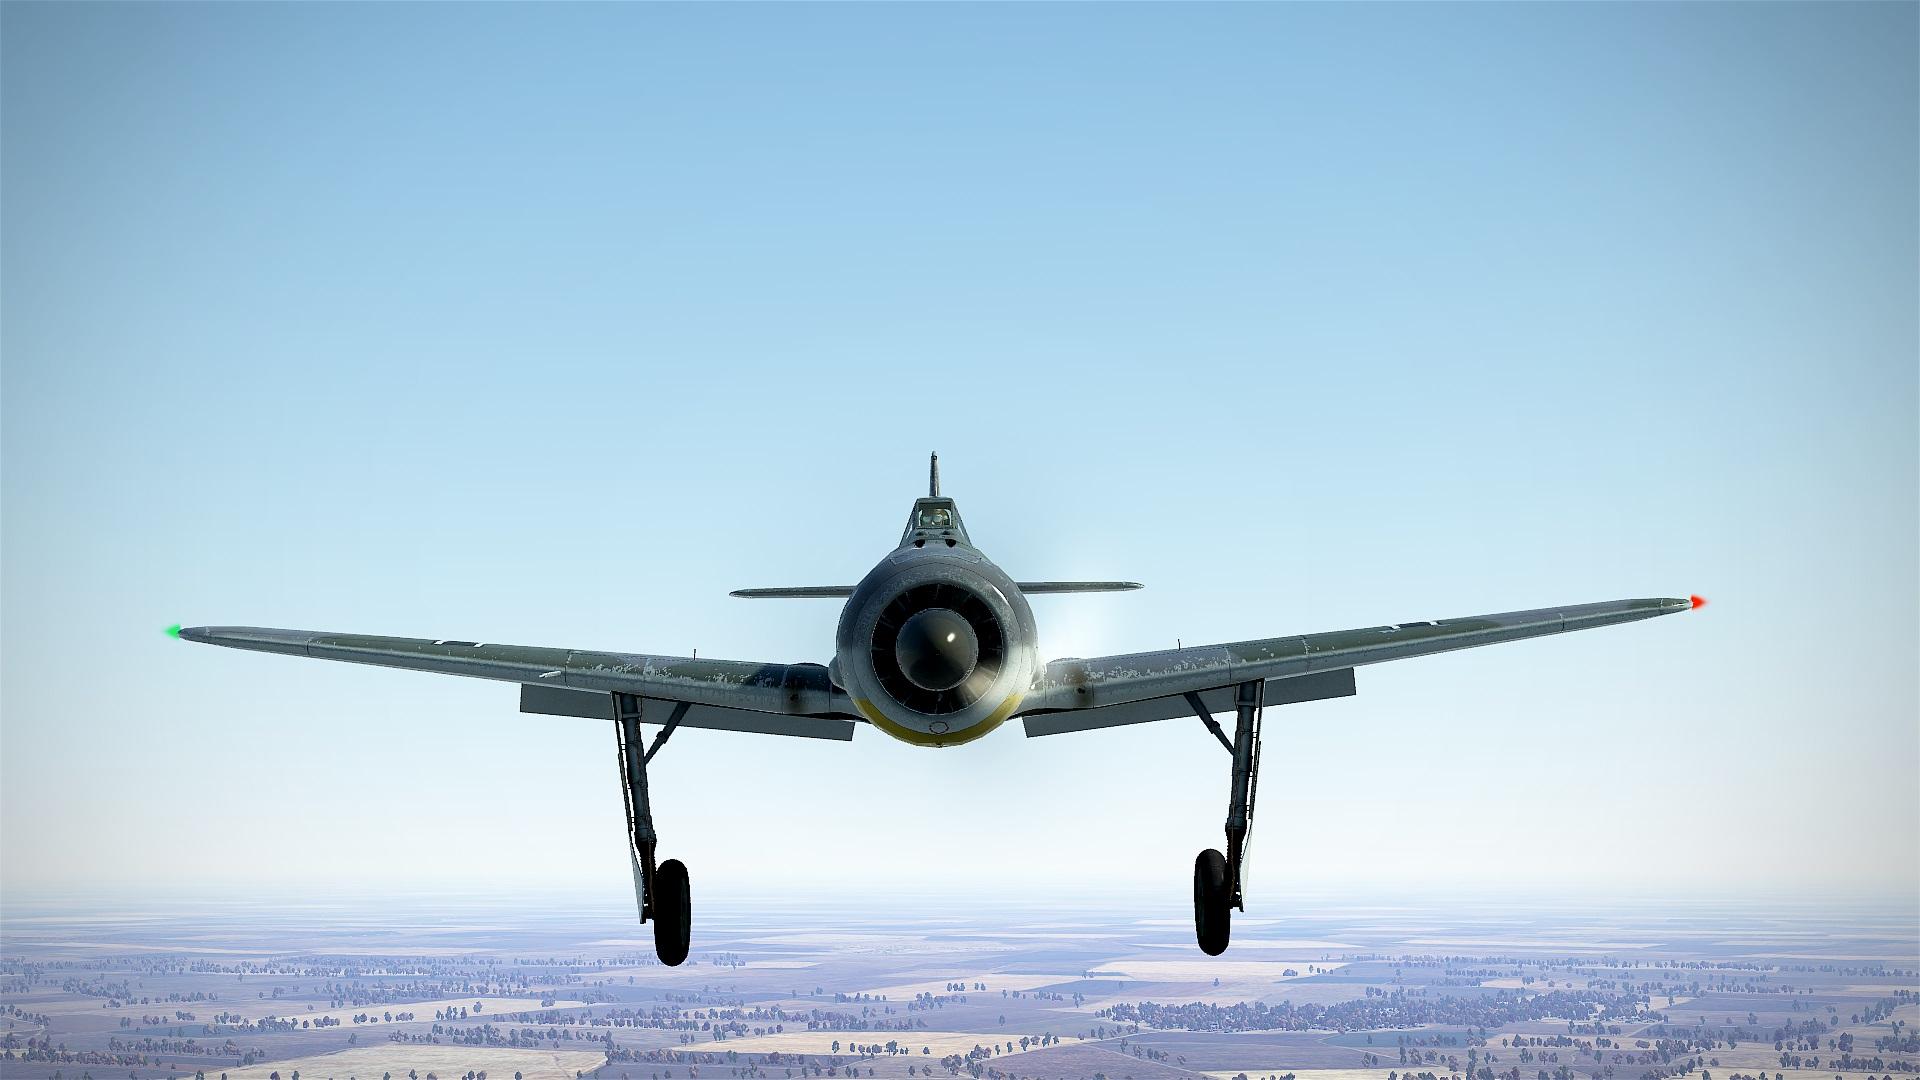 Erfolgreiche Landung, Bild von kaltokri, Gemeinfrei